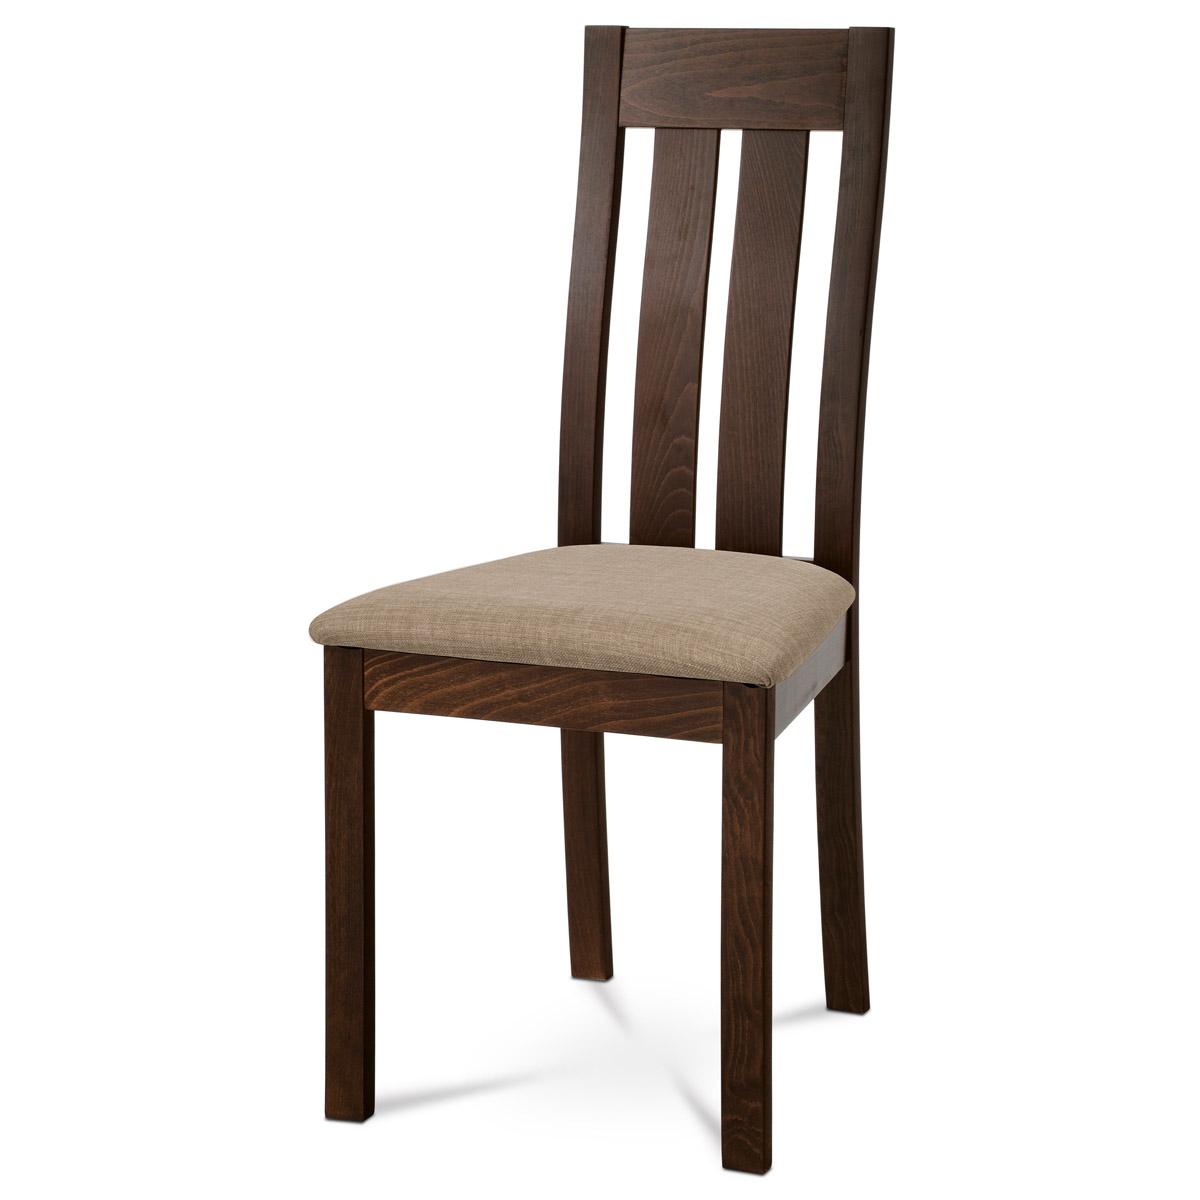 Autronic - Jídelní židle masiv buk, barva ořech, potah béžový - BC-2602 WAL